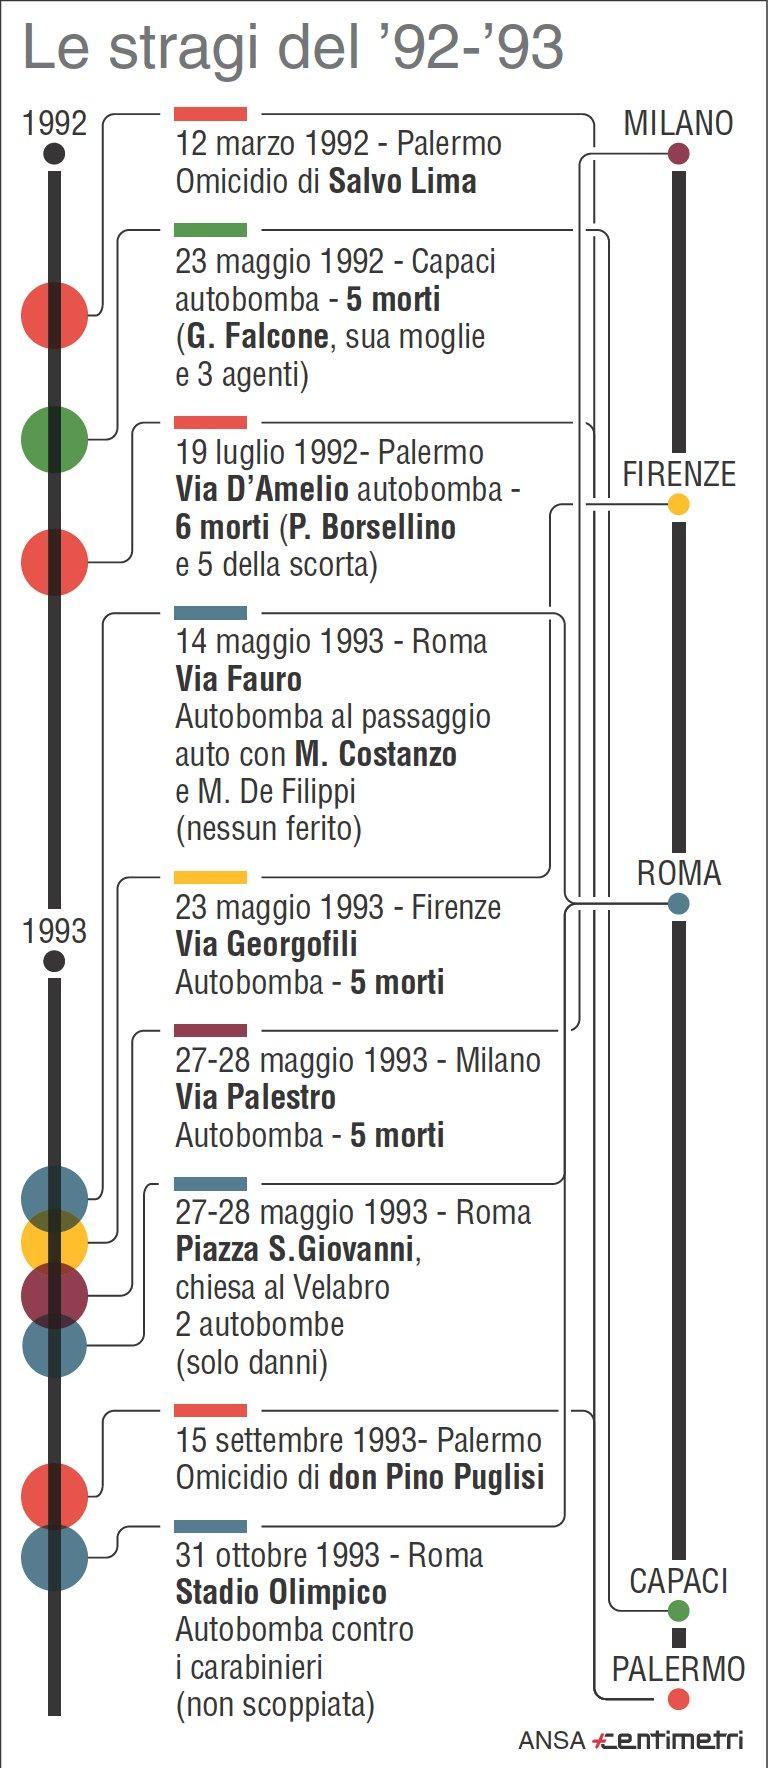 Le stragi di mafia del 1992/93